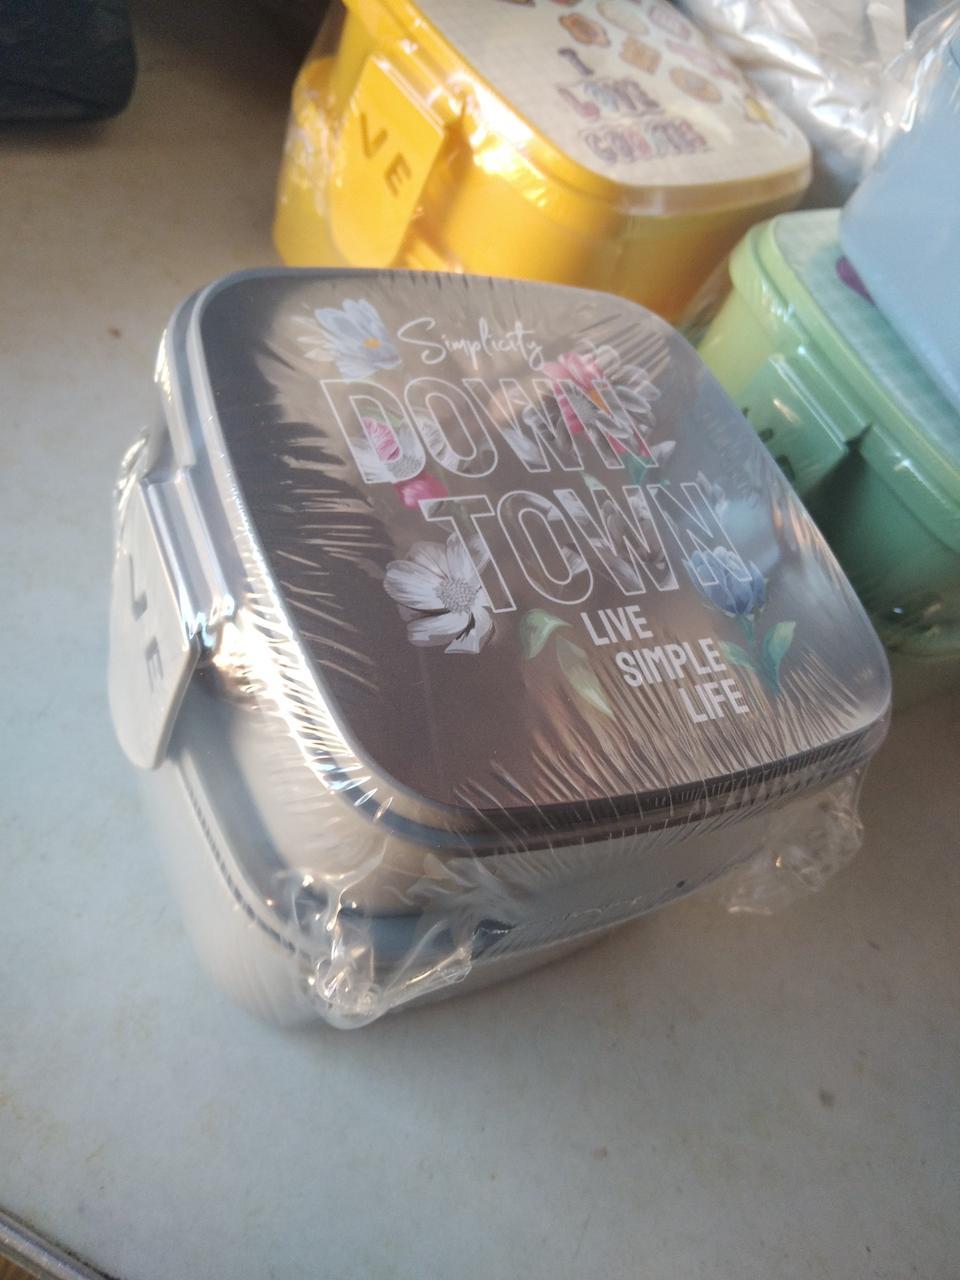 Ланчбокс подвійною з виделкою і ложкою Туреччина 021175 Hobbi Life ланч бокс контейнер, ланч бокс з приладами